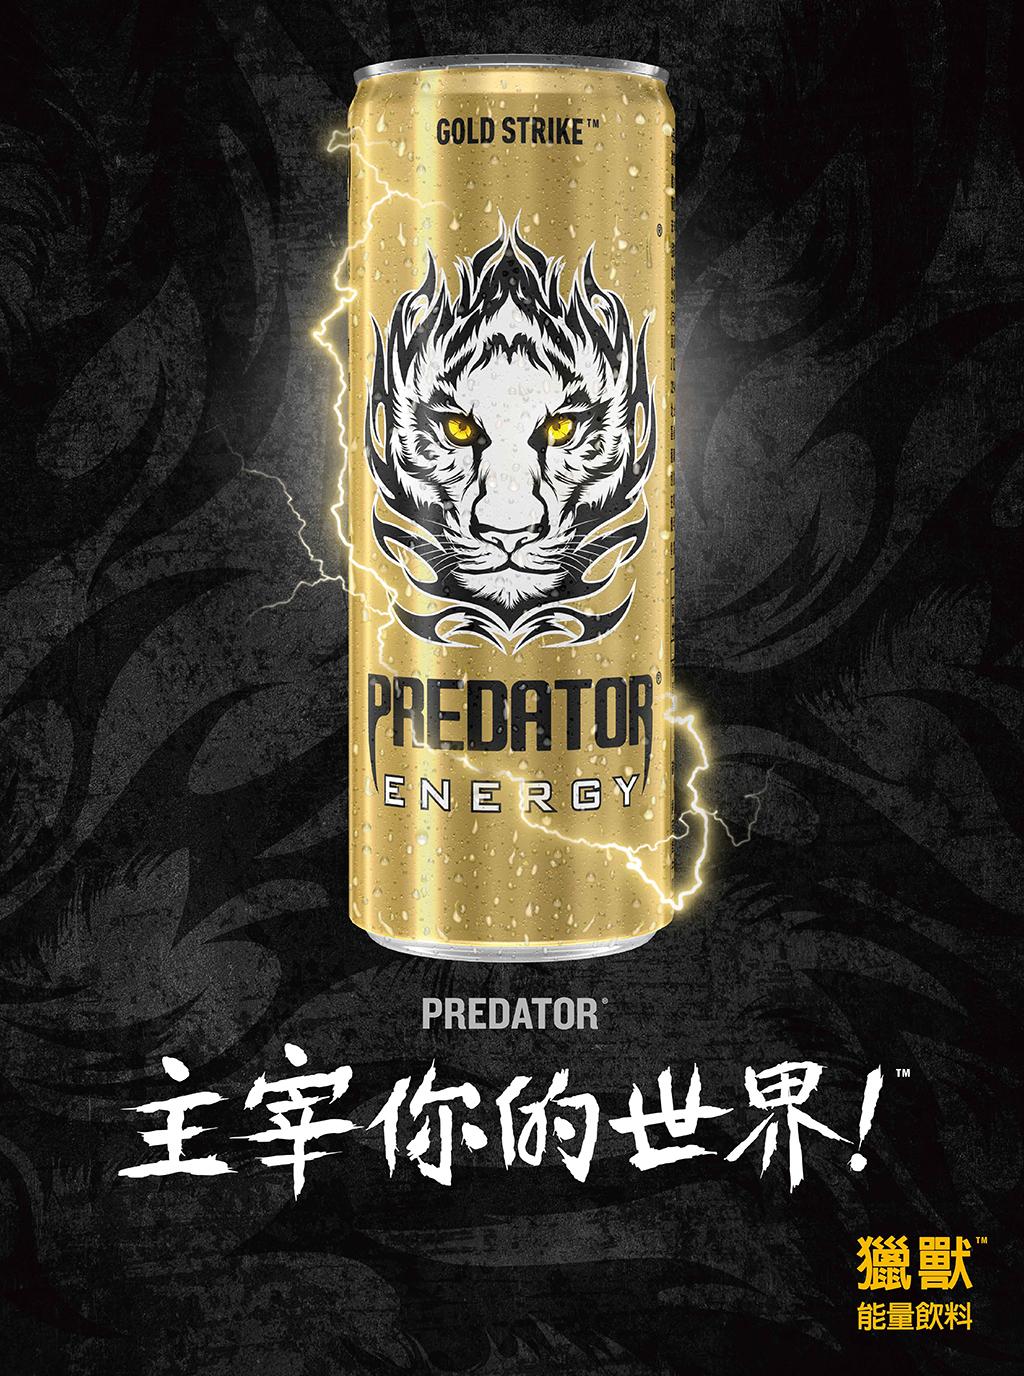 獵獸™(PREDATOR®)碳酸能量飲料在台灣正式上市!